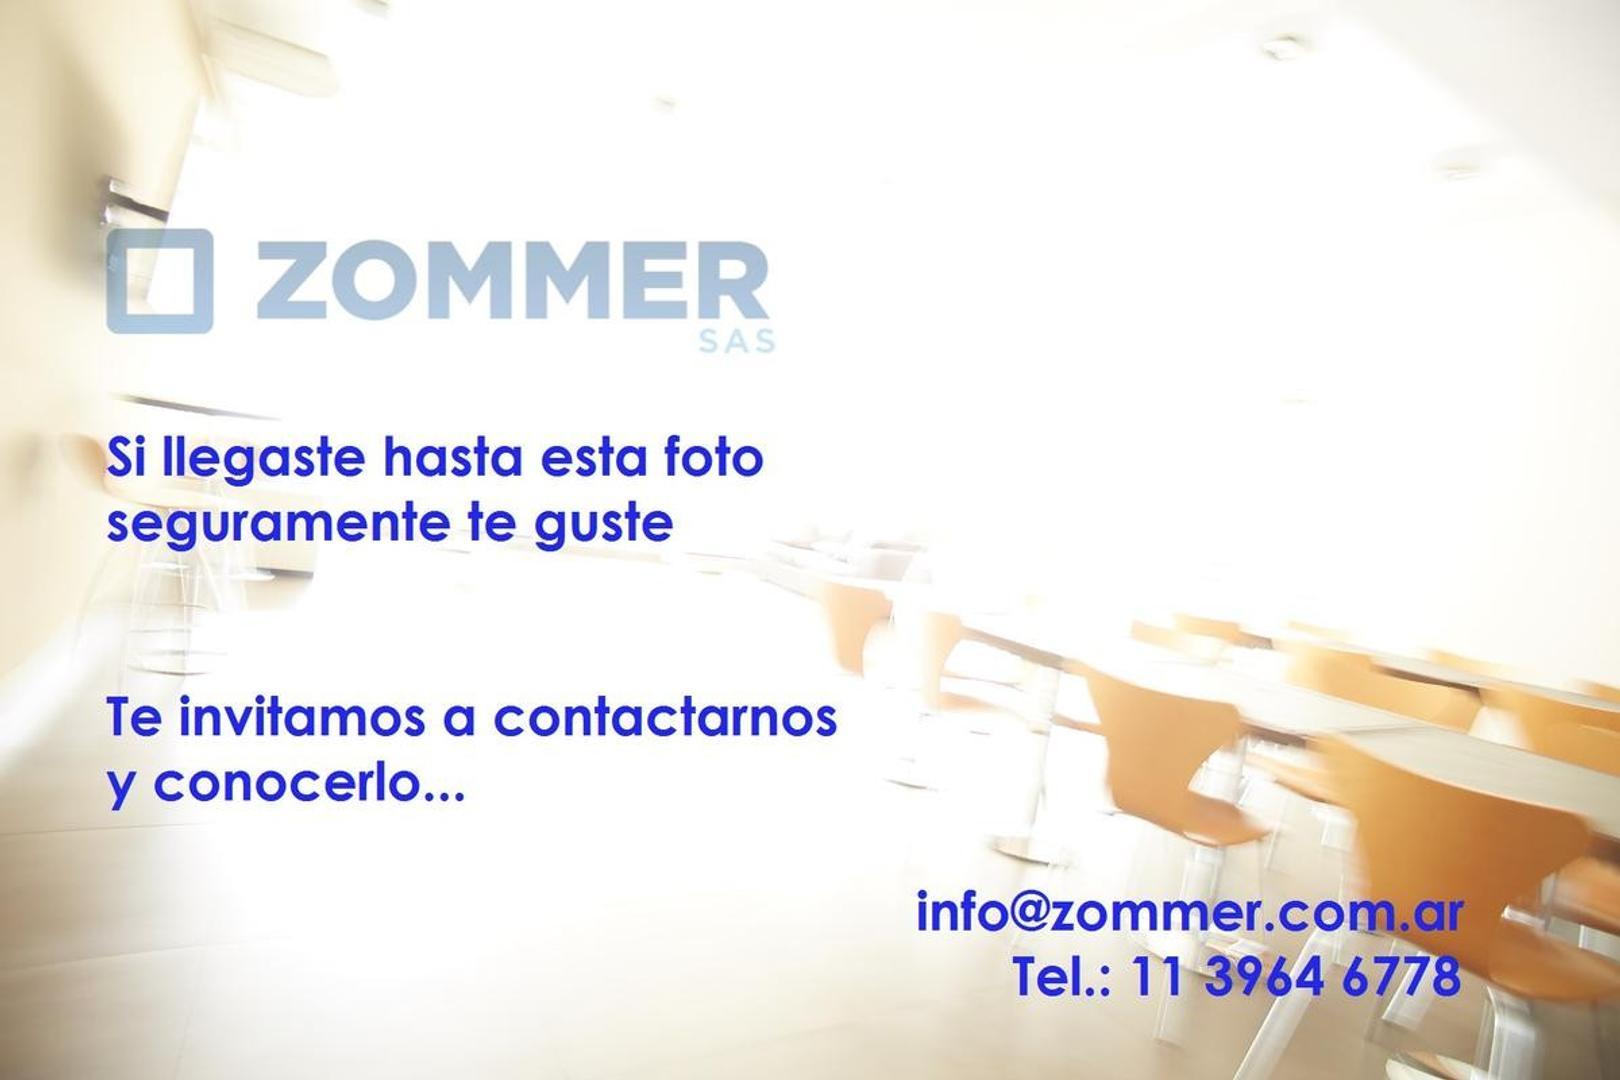 3 AMBIENTES. PISO ALTO, VISTA A LA CÚPULA DEL CONGRESO - EXCELENTE INVERSIÓN  - Av Rivadavia al 2300 - Foto 32